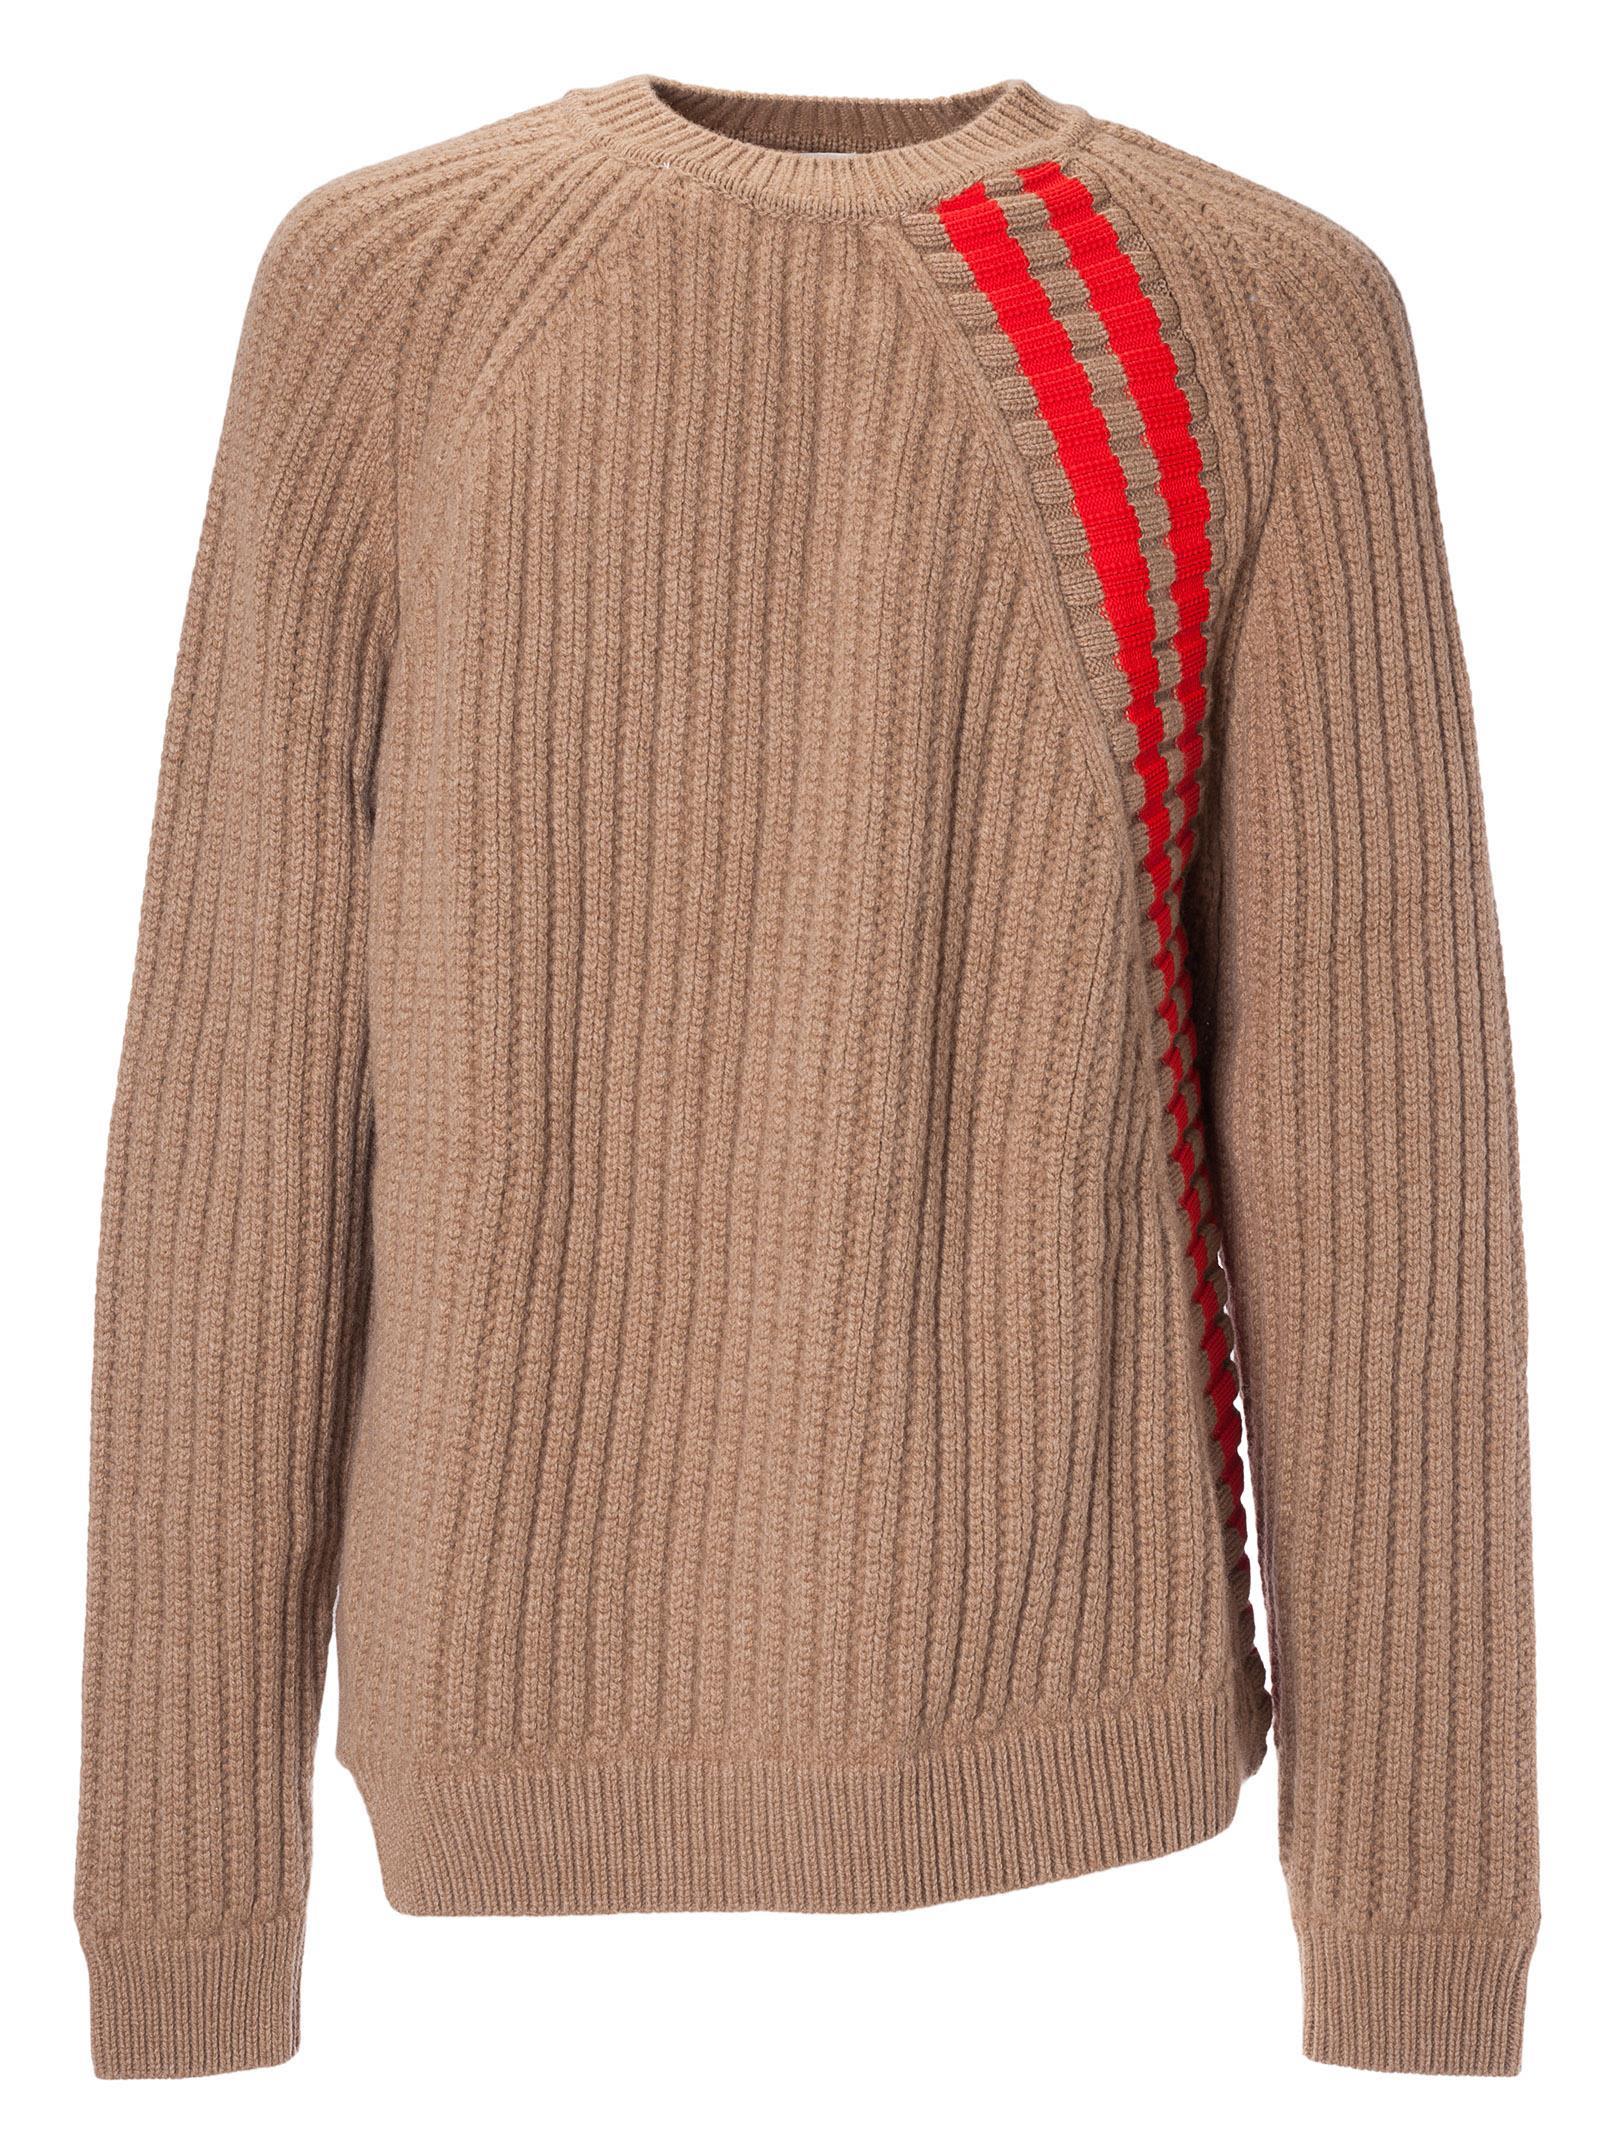 Jil Sander Diagonal Stripe Knit Sweater